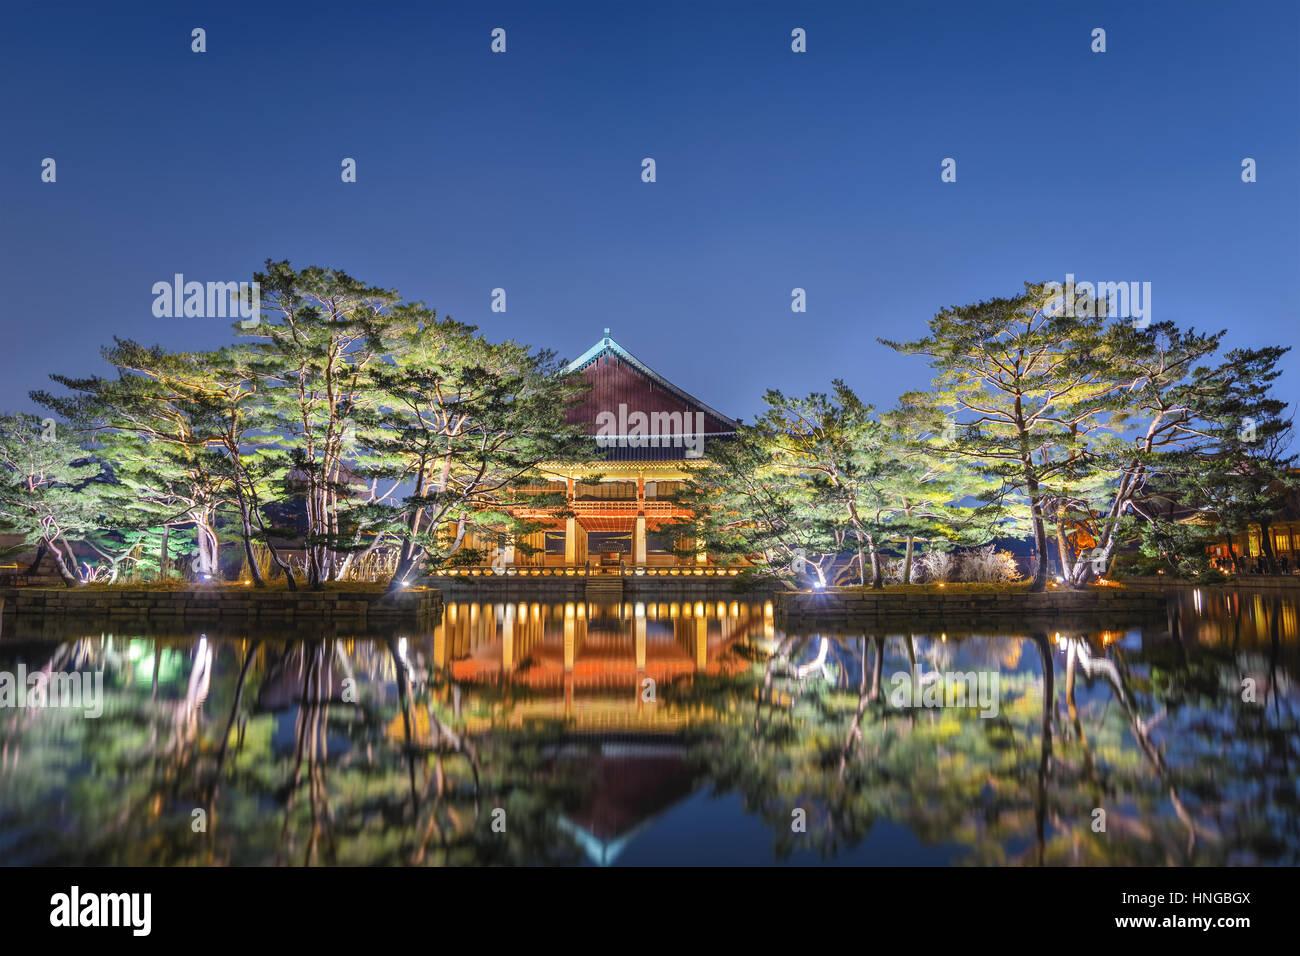 Pabellón Gyeonghoeru en el Palacio Gyeongbokgung de noche, Seúl, Corea del Sur Imagen De Stock